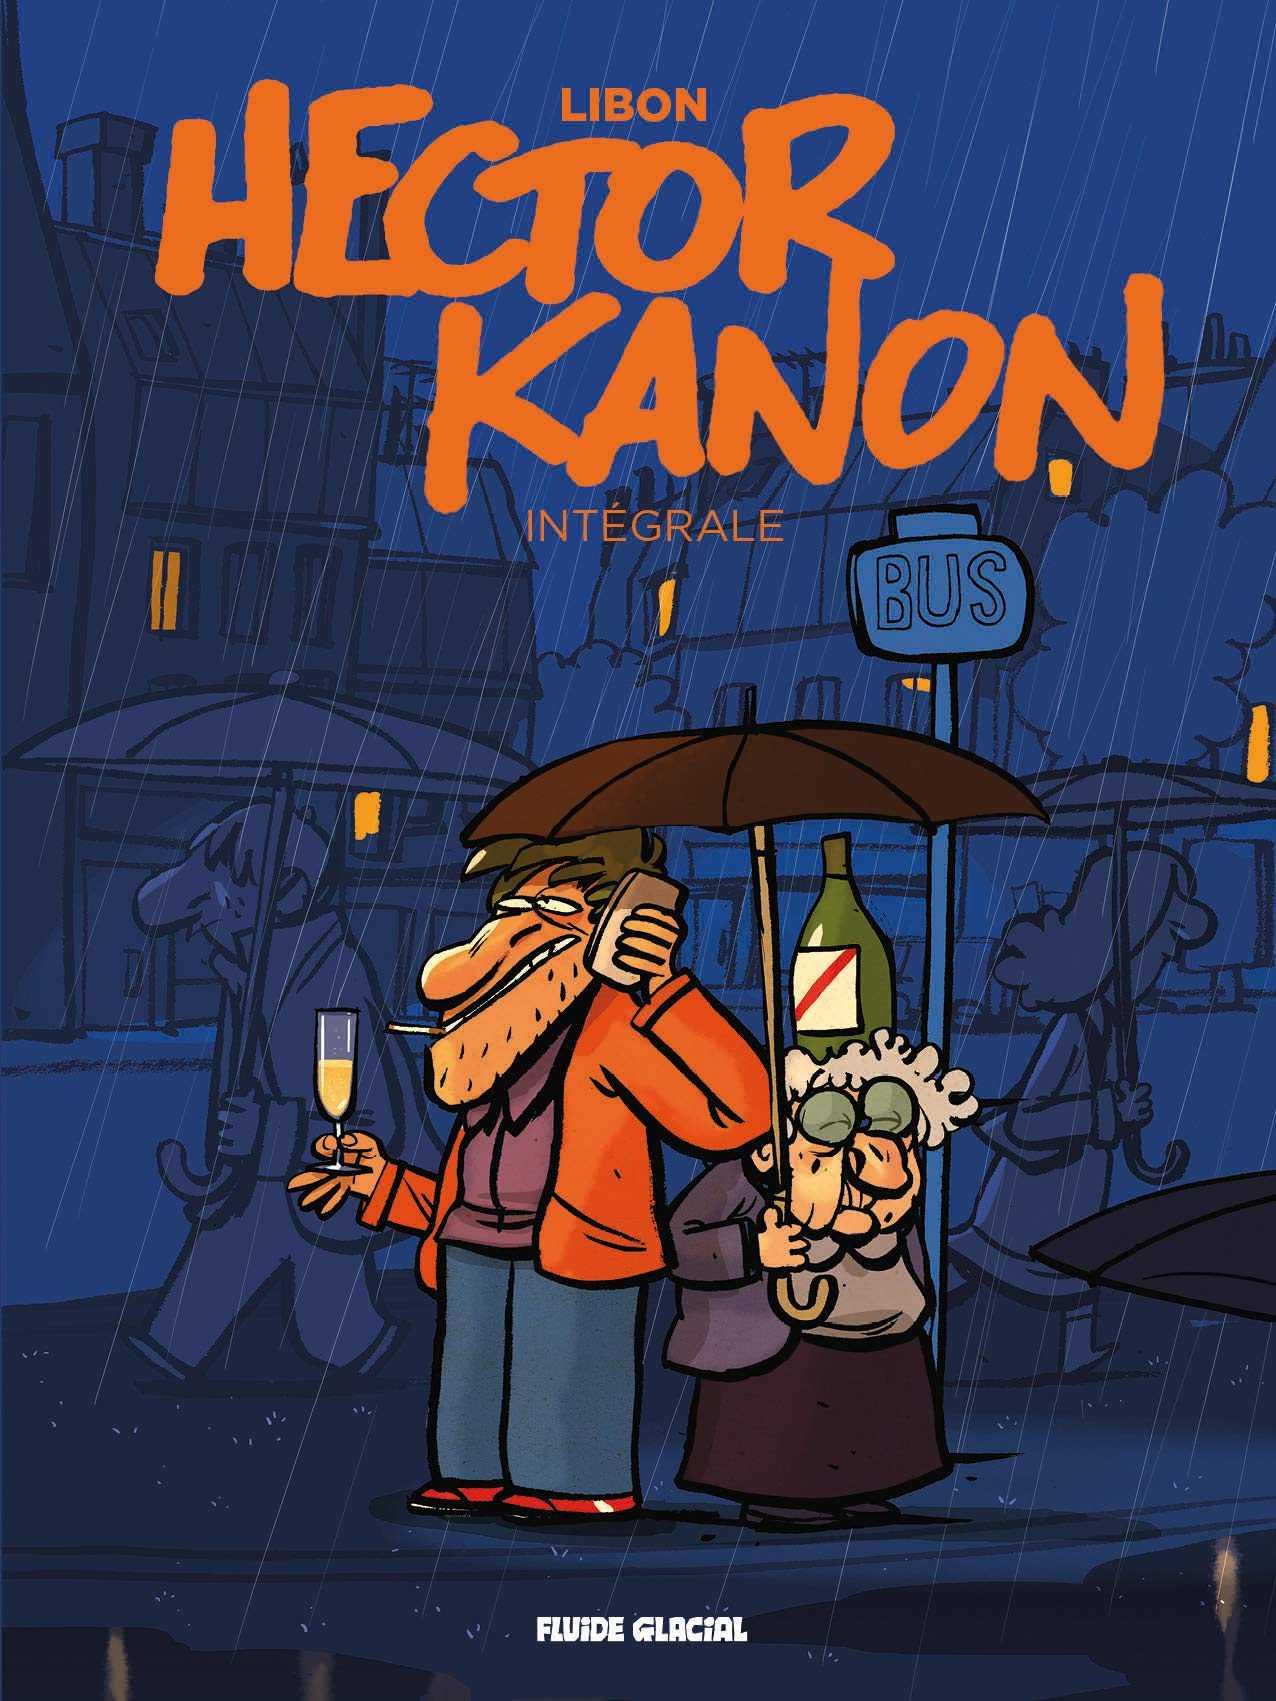 Hector Kanon, l'intégrale, un canon sinon rien